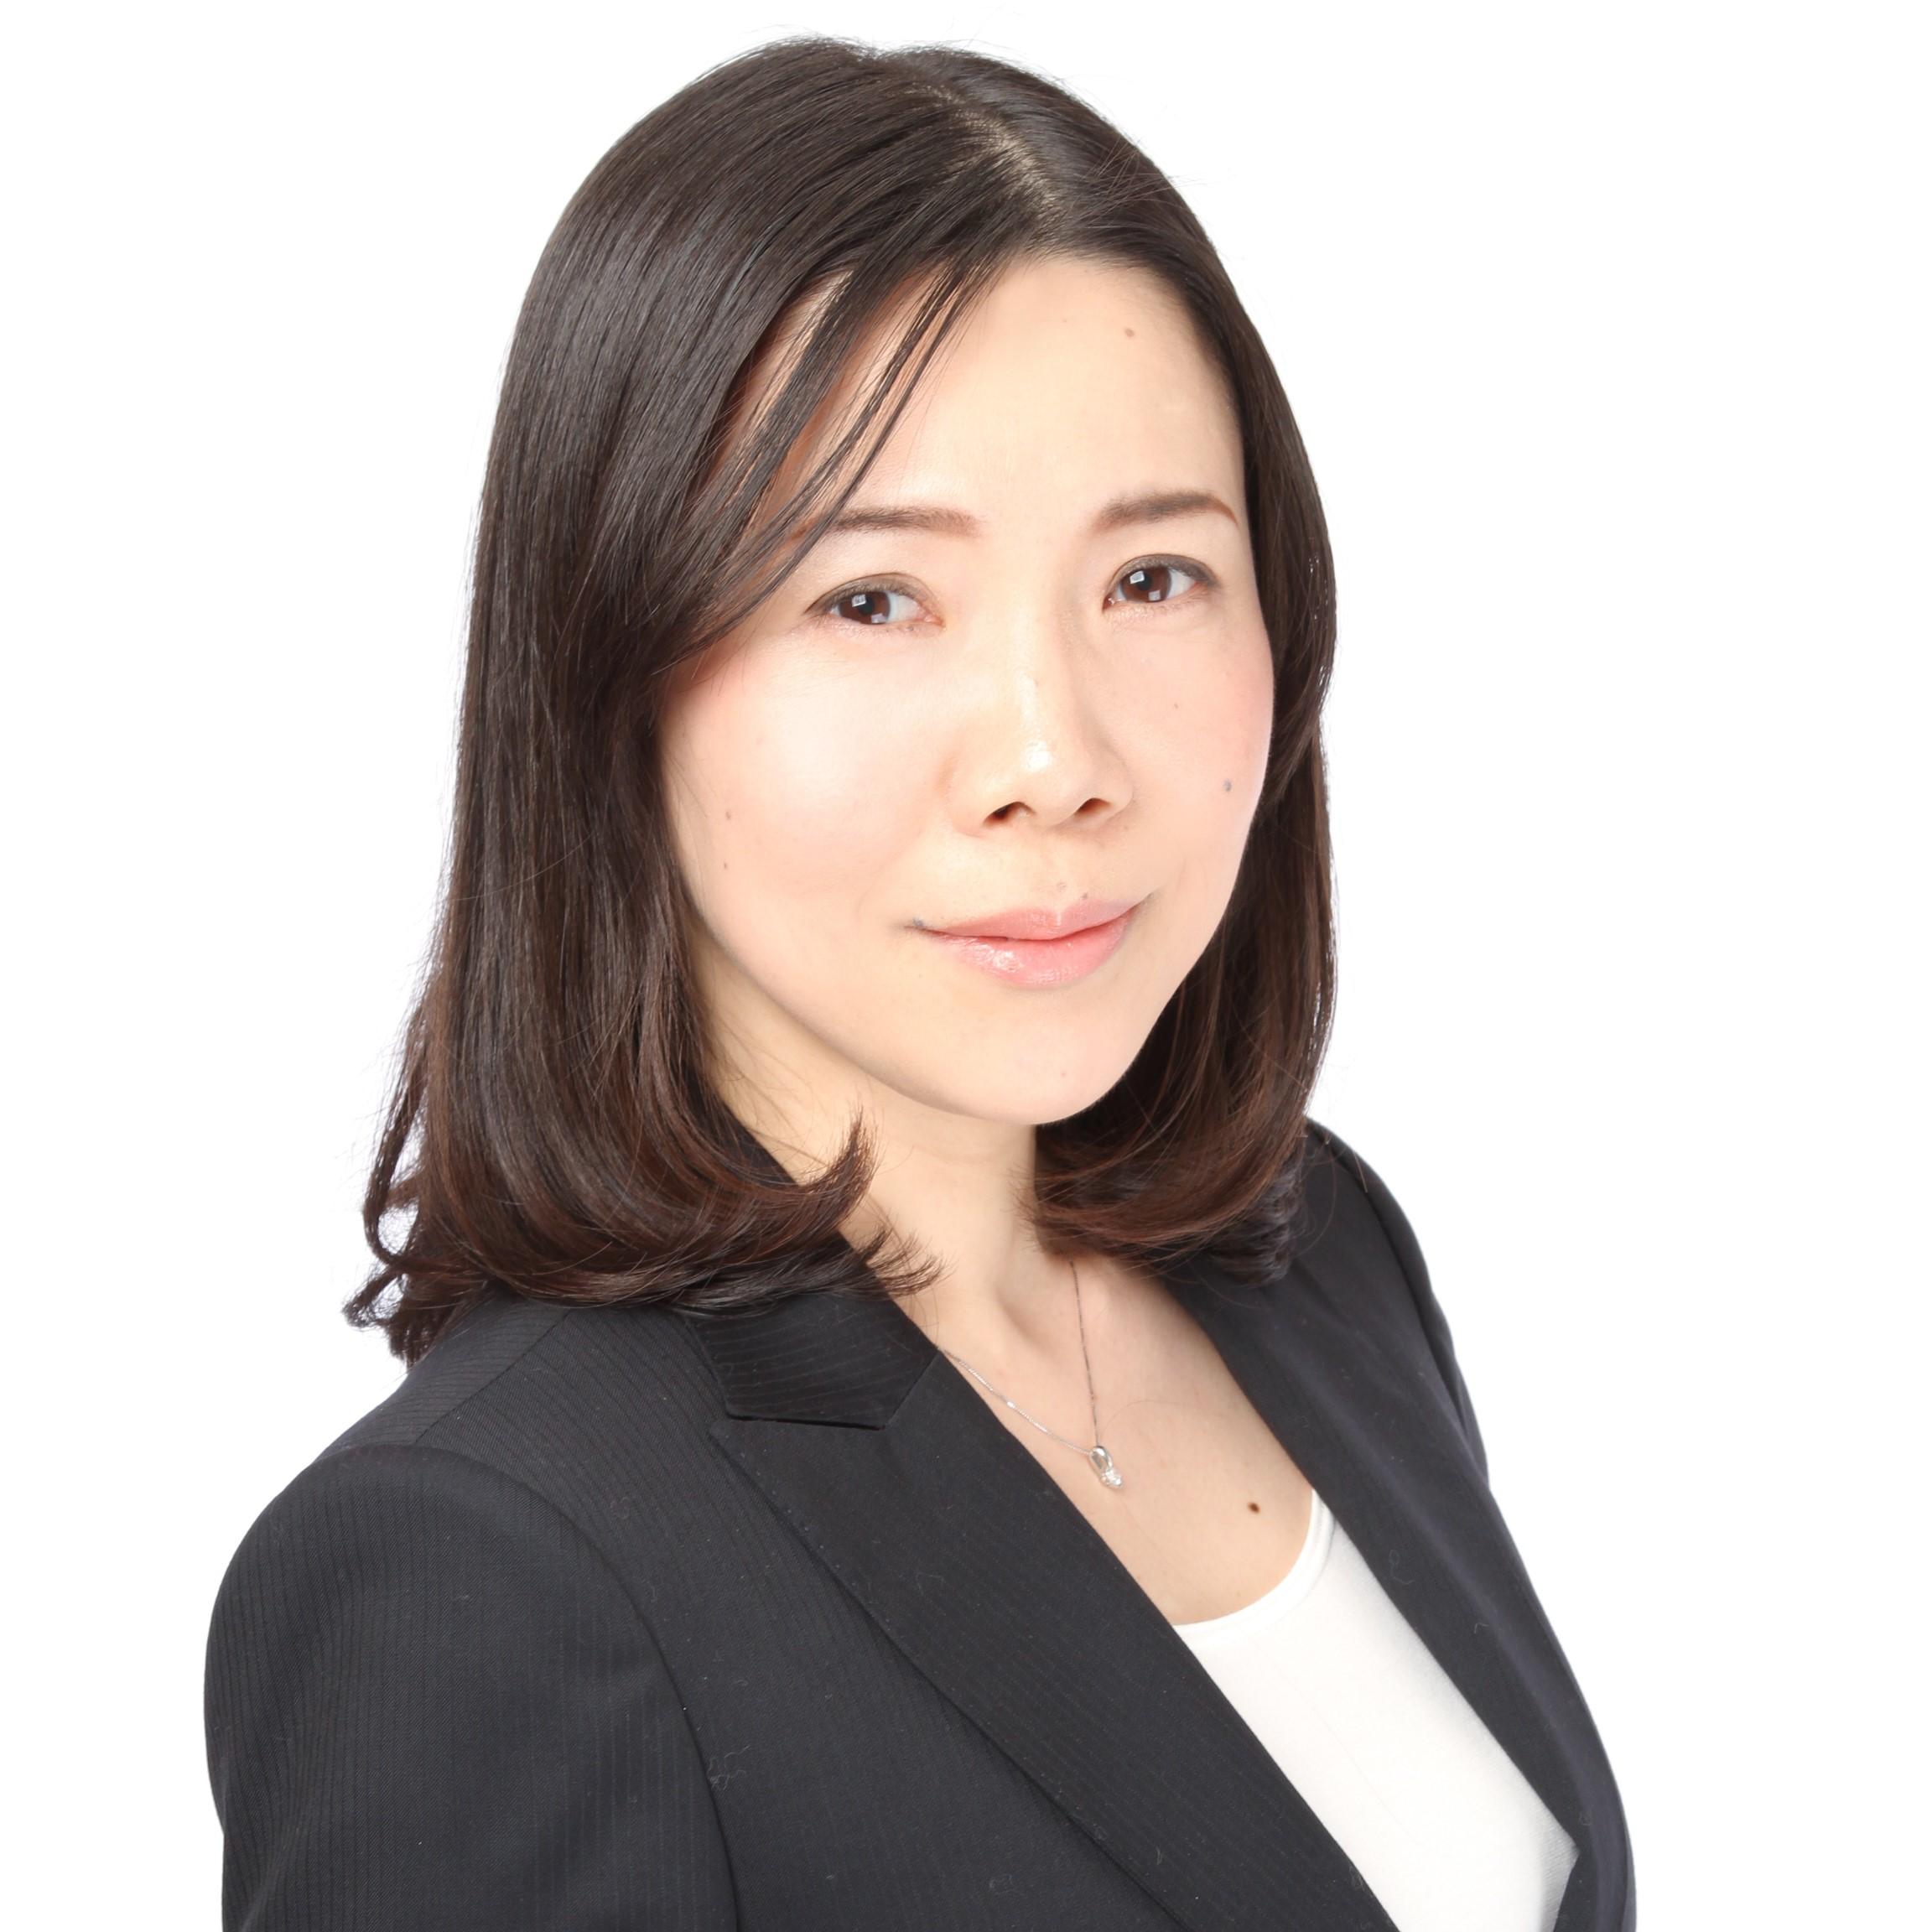 本田 麻美